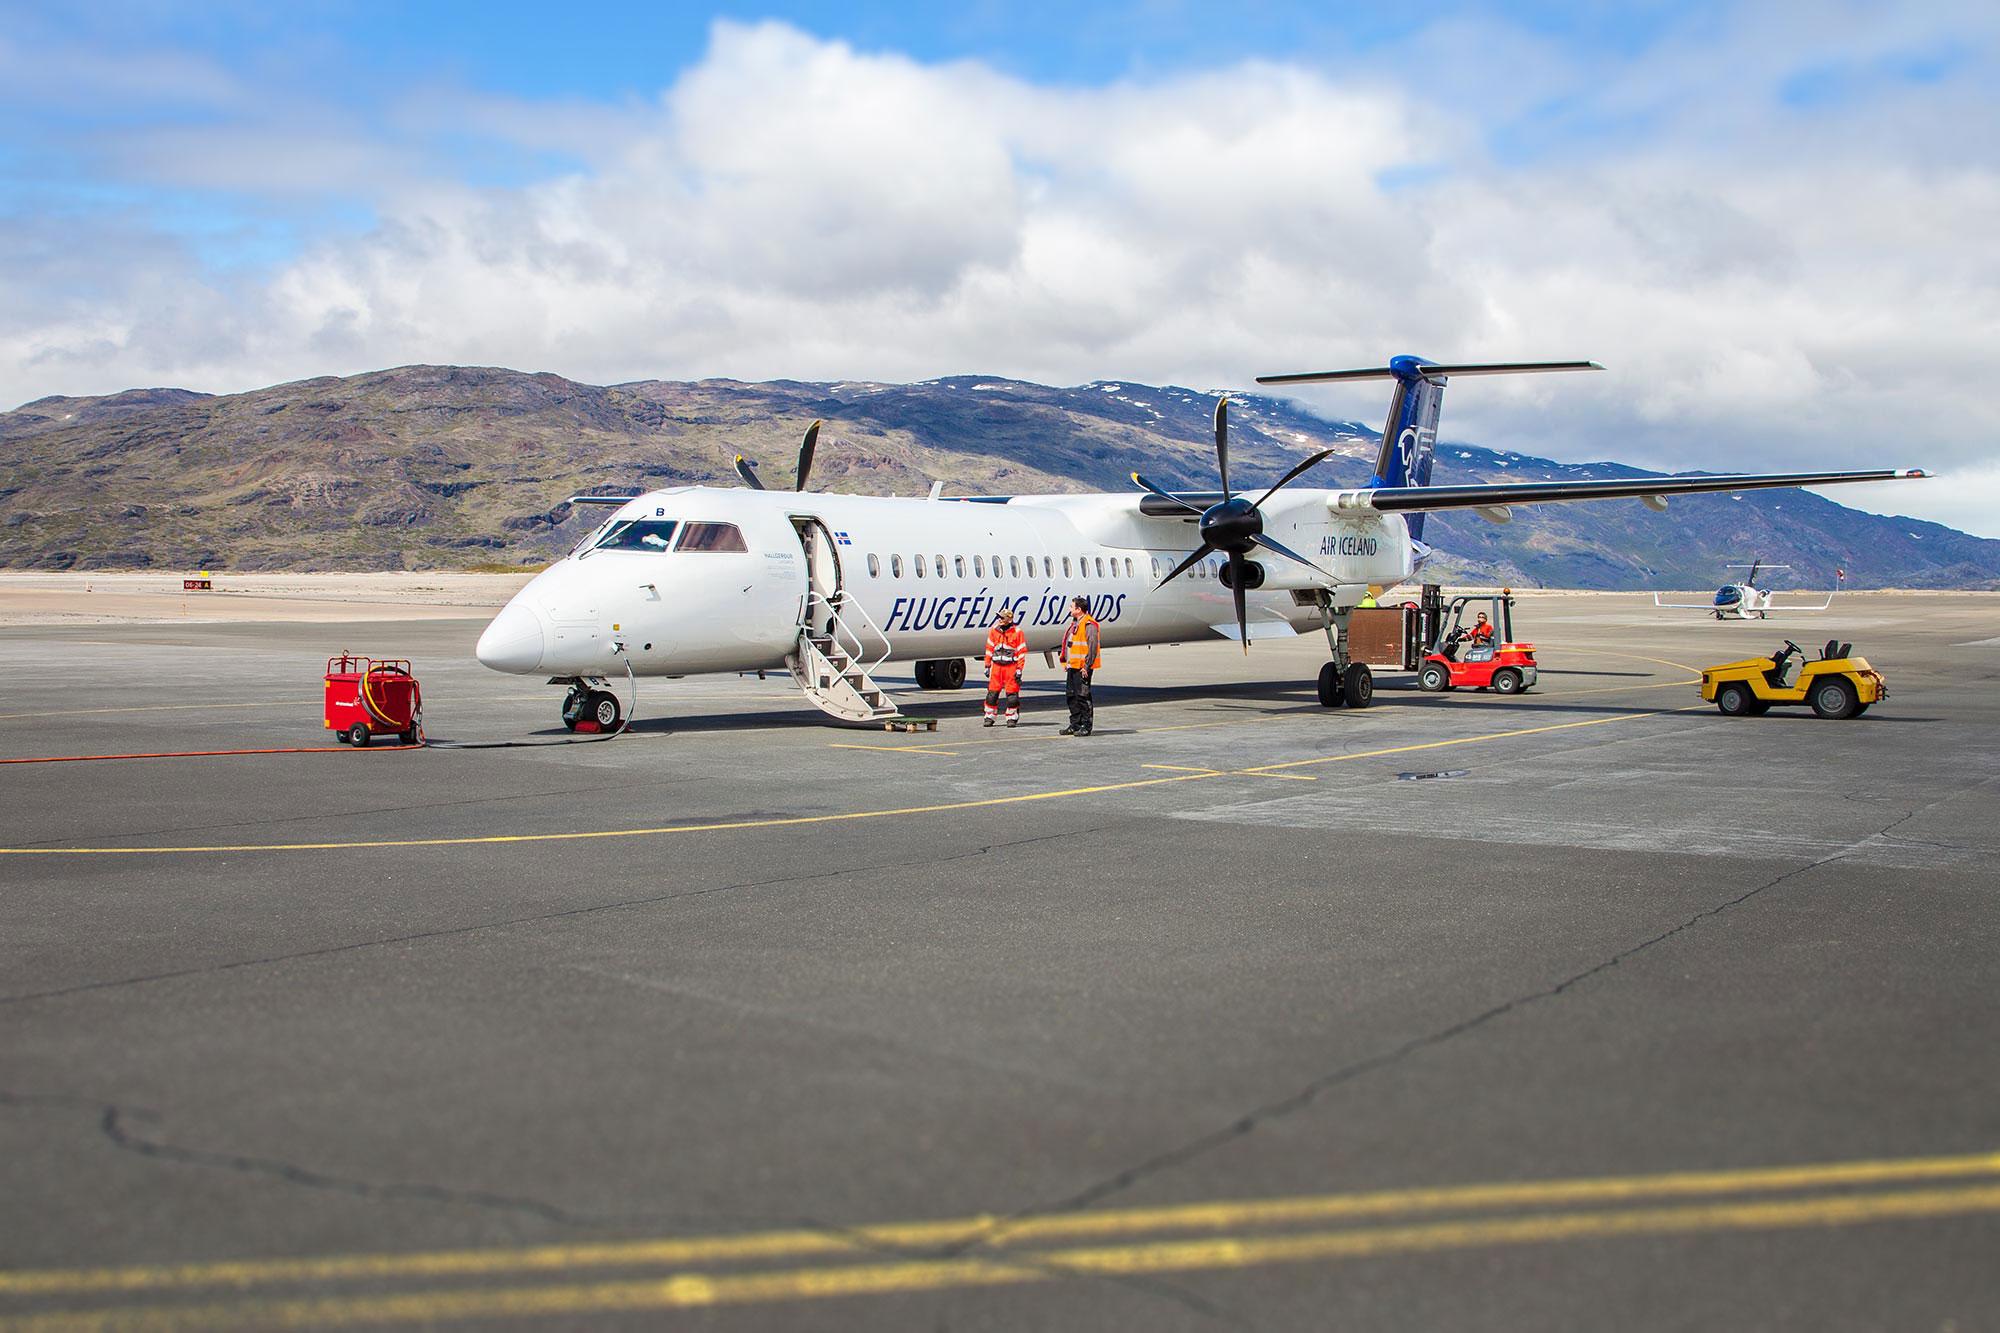 Landing in Narsarsuaq